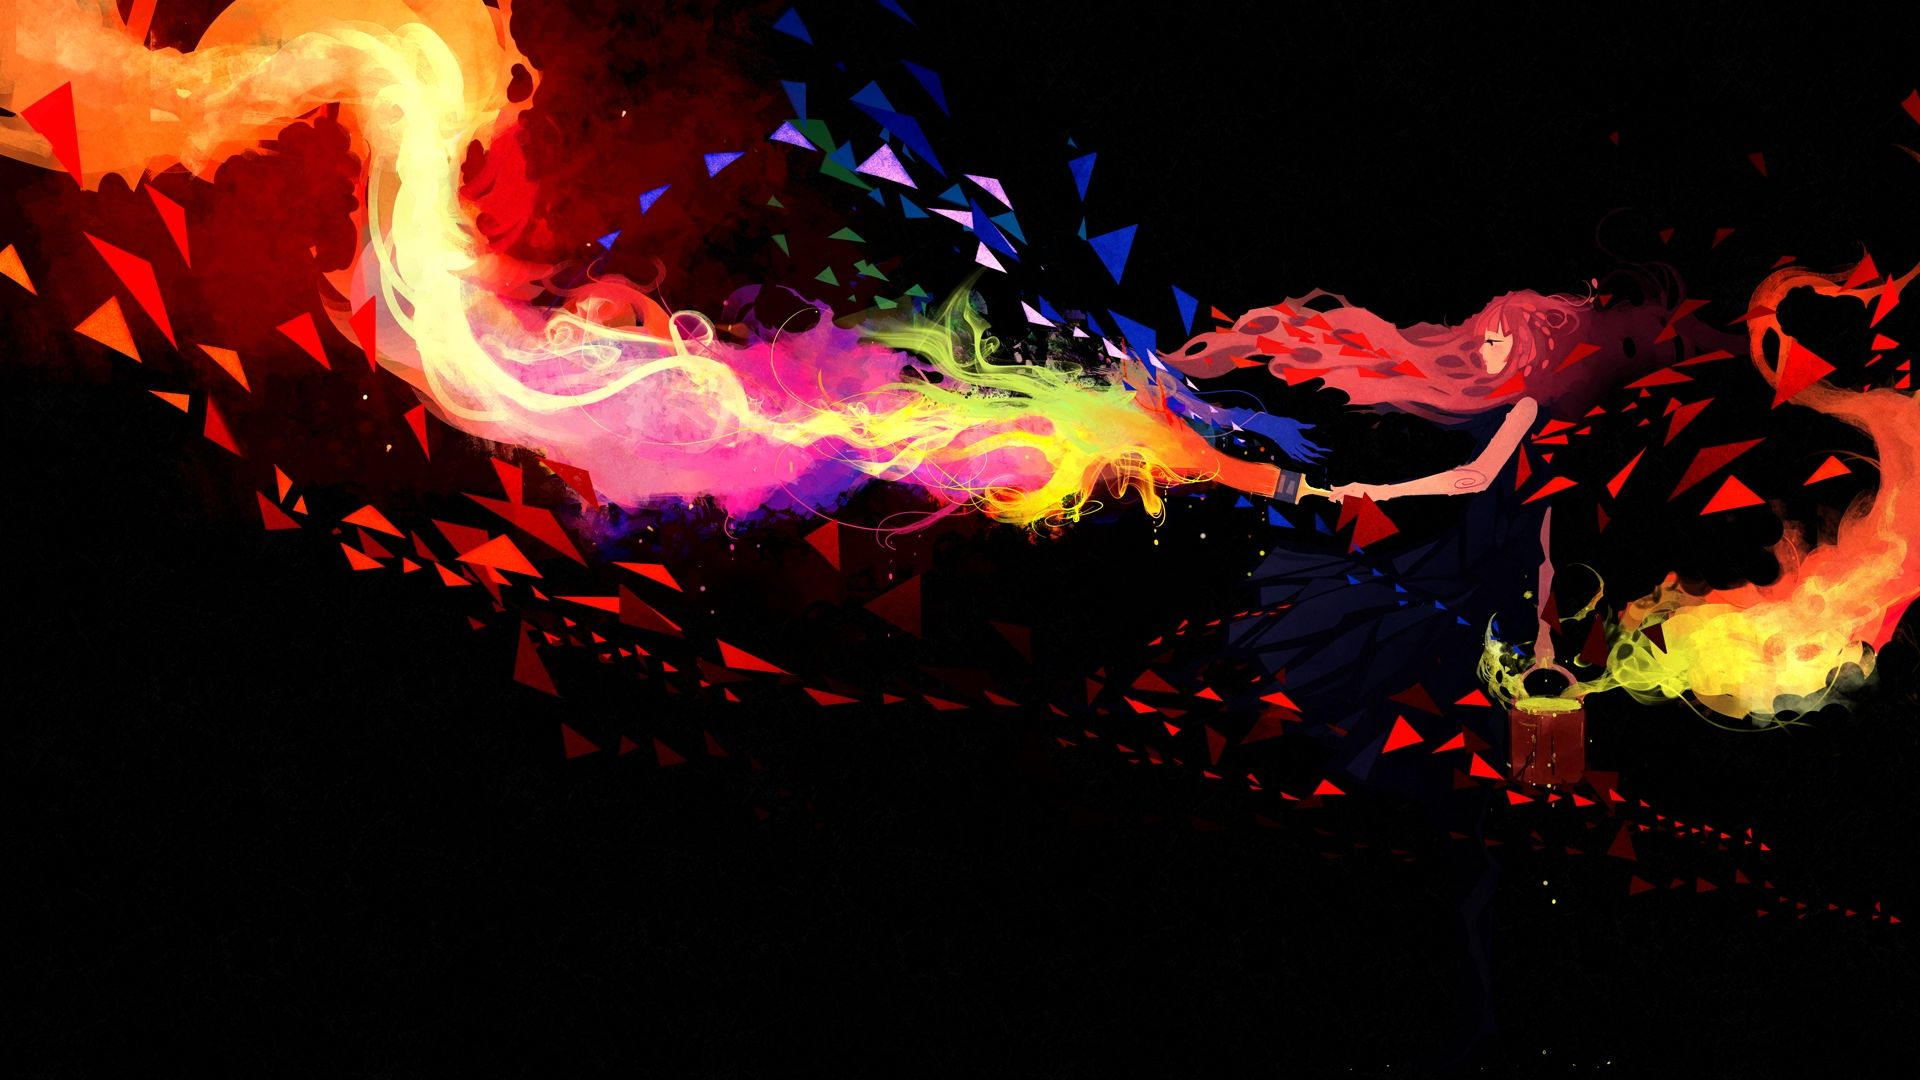 Wallpaper Girl, colorful panting, art